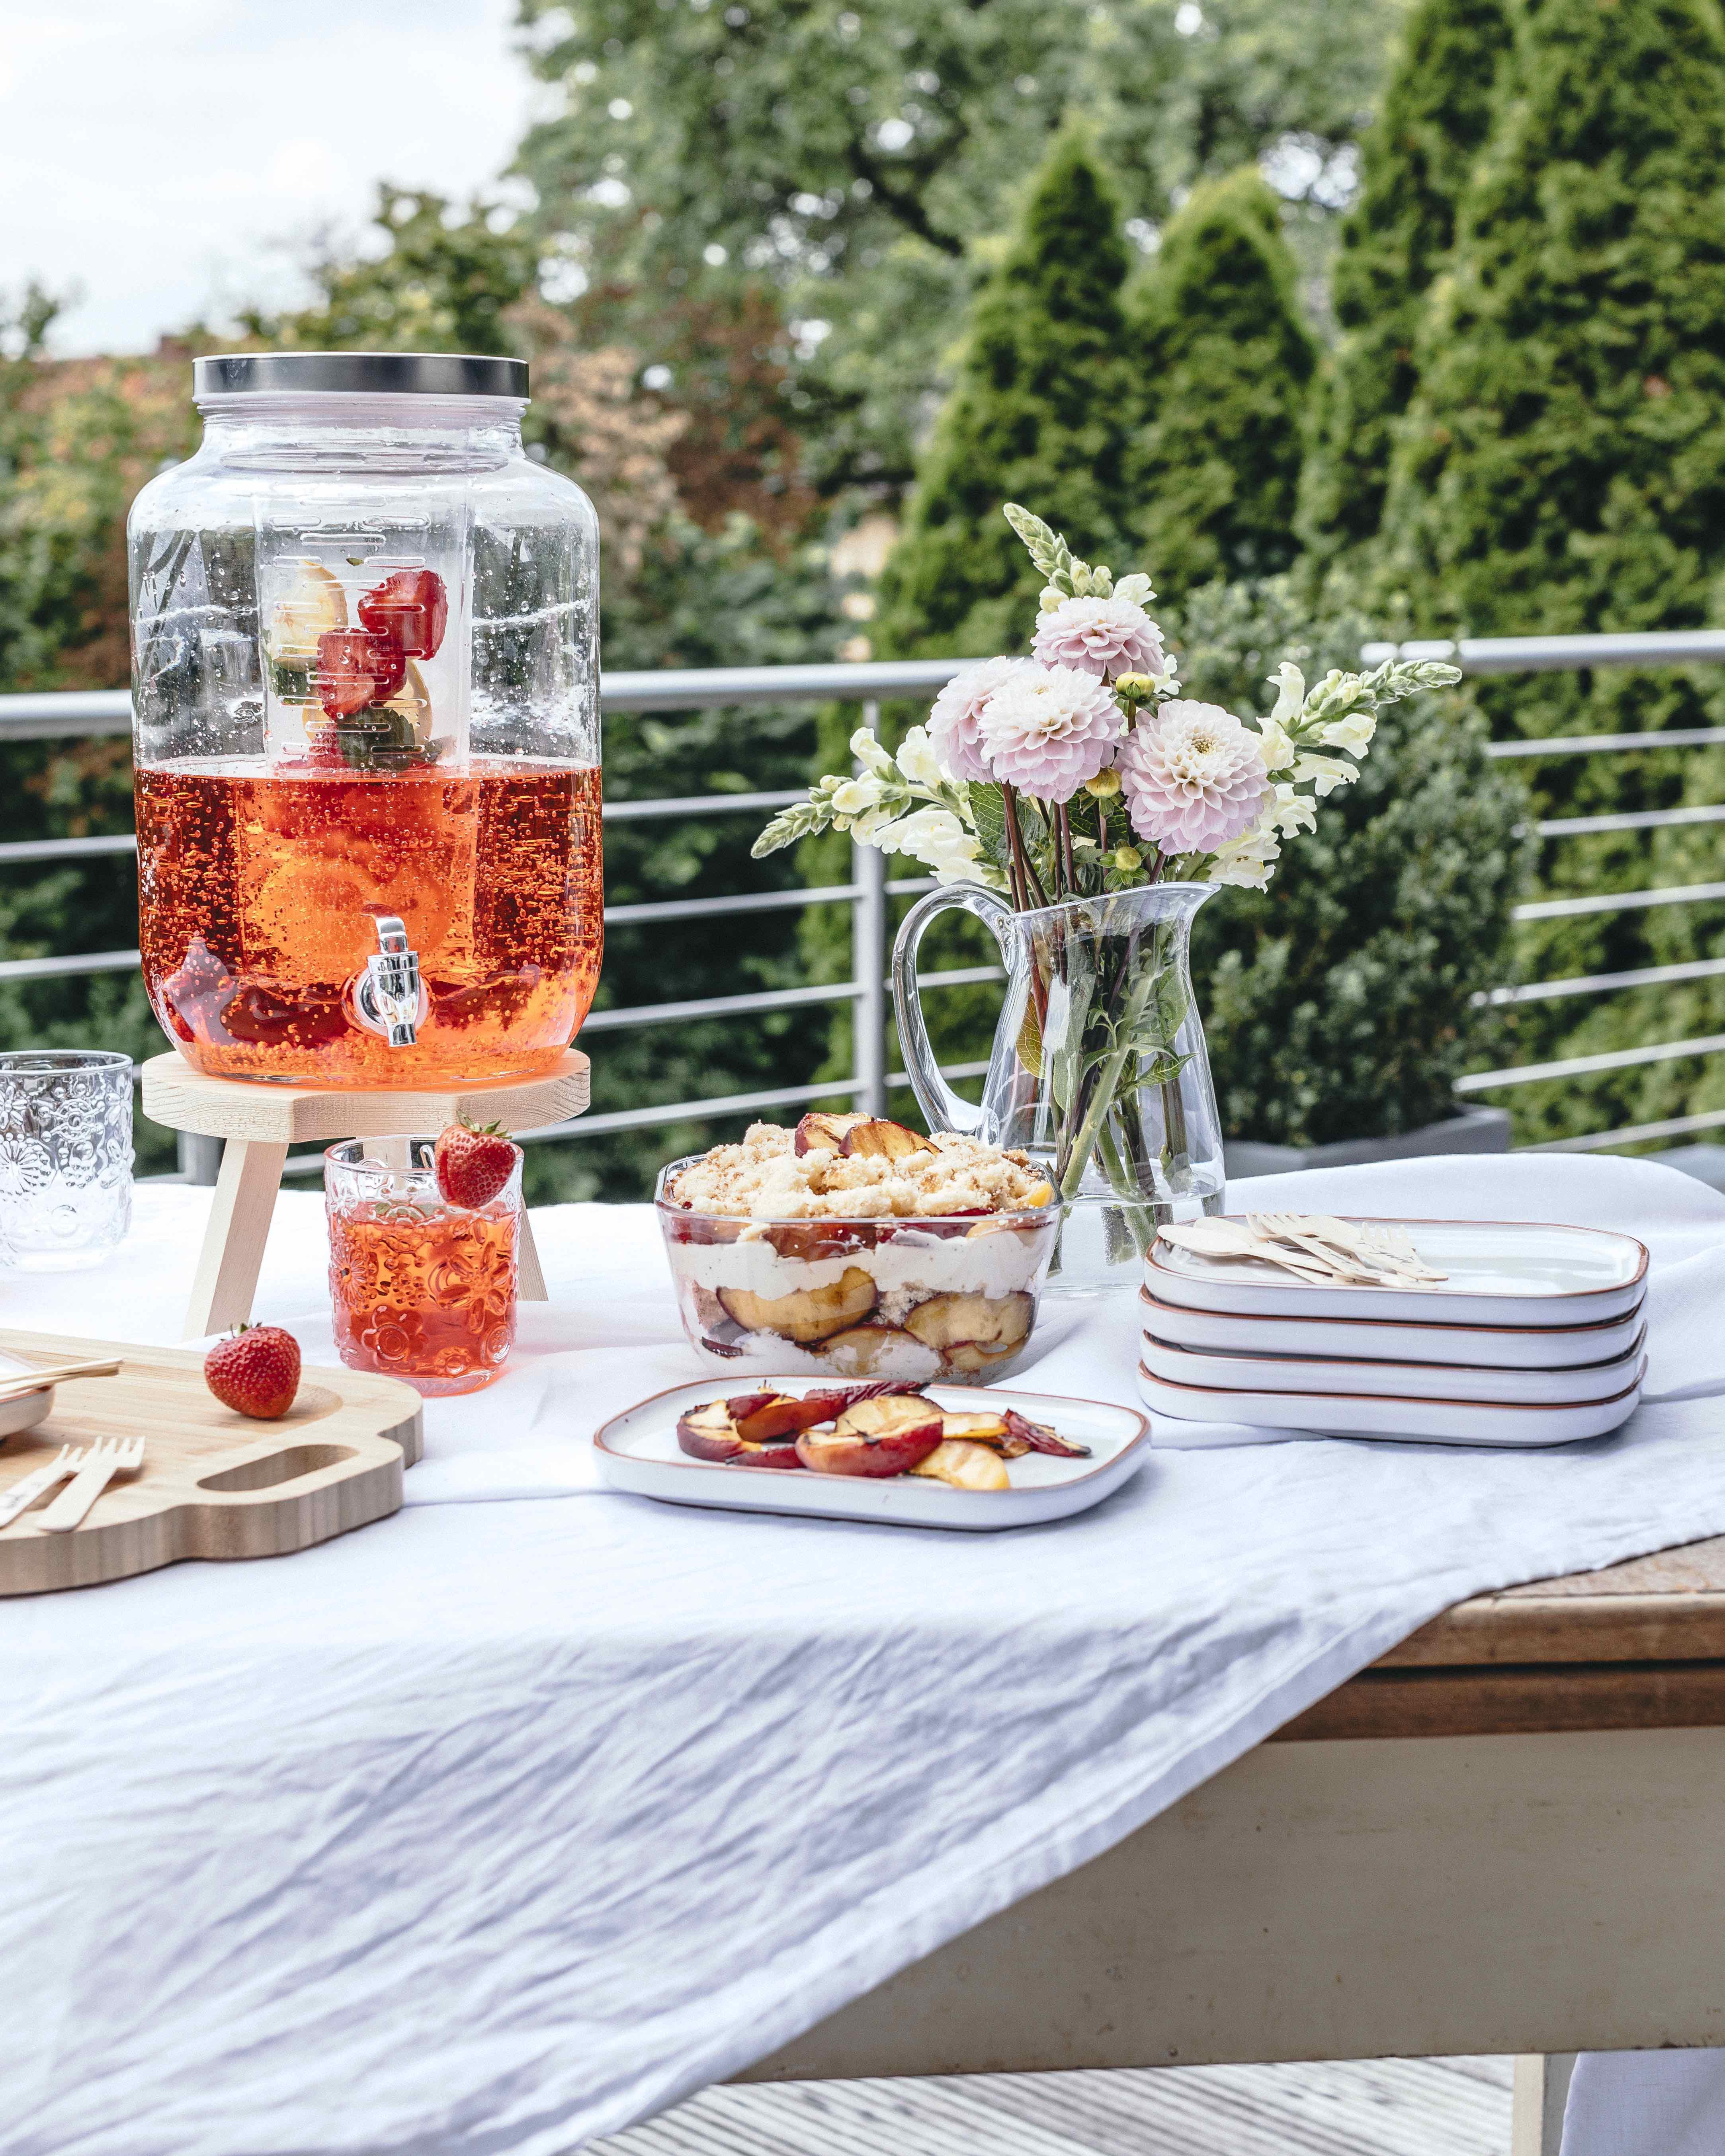 (Werbung) Rezepte für Sommerliches Trifle mit gegrillten Nektarinen, Erdbeer-Bowle, Melonen-Spieße Gartenparty Partyrezepte Sommer #party #gardenparty #summer #summerparty #partyfood | Emma´s Lieblingsstücke